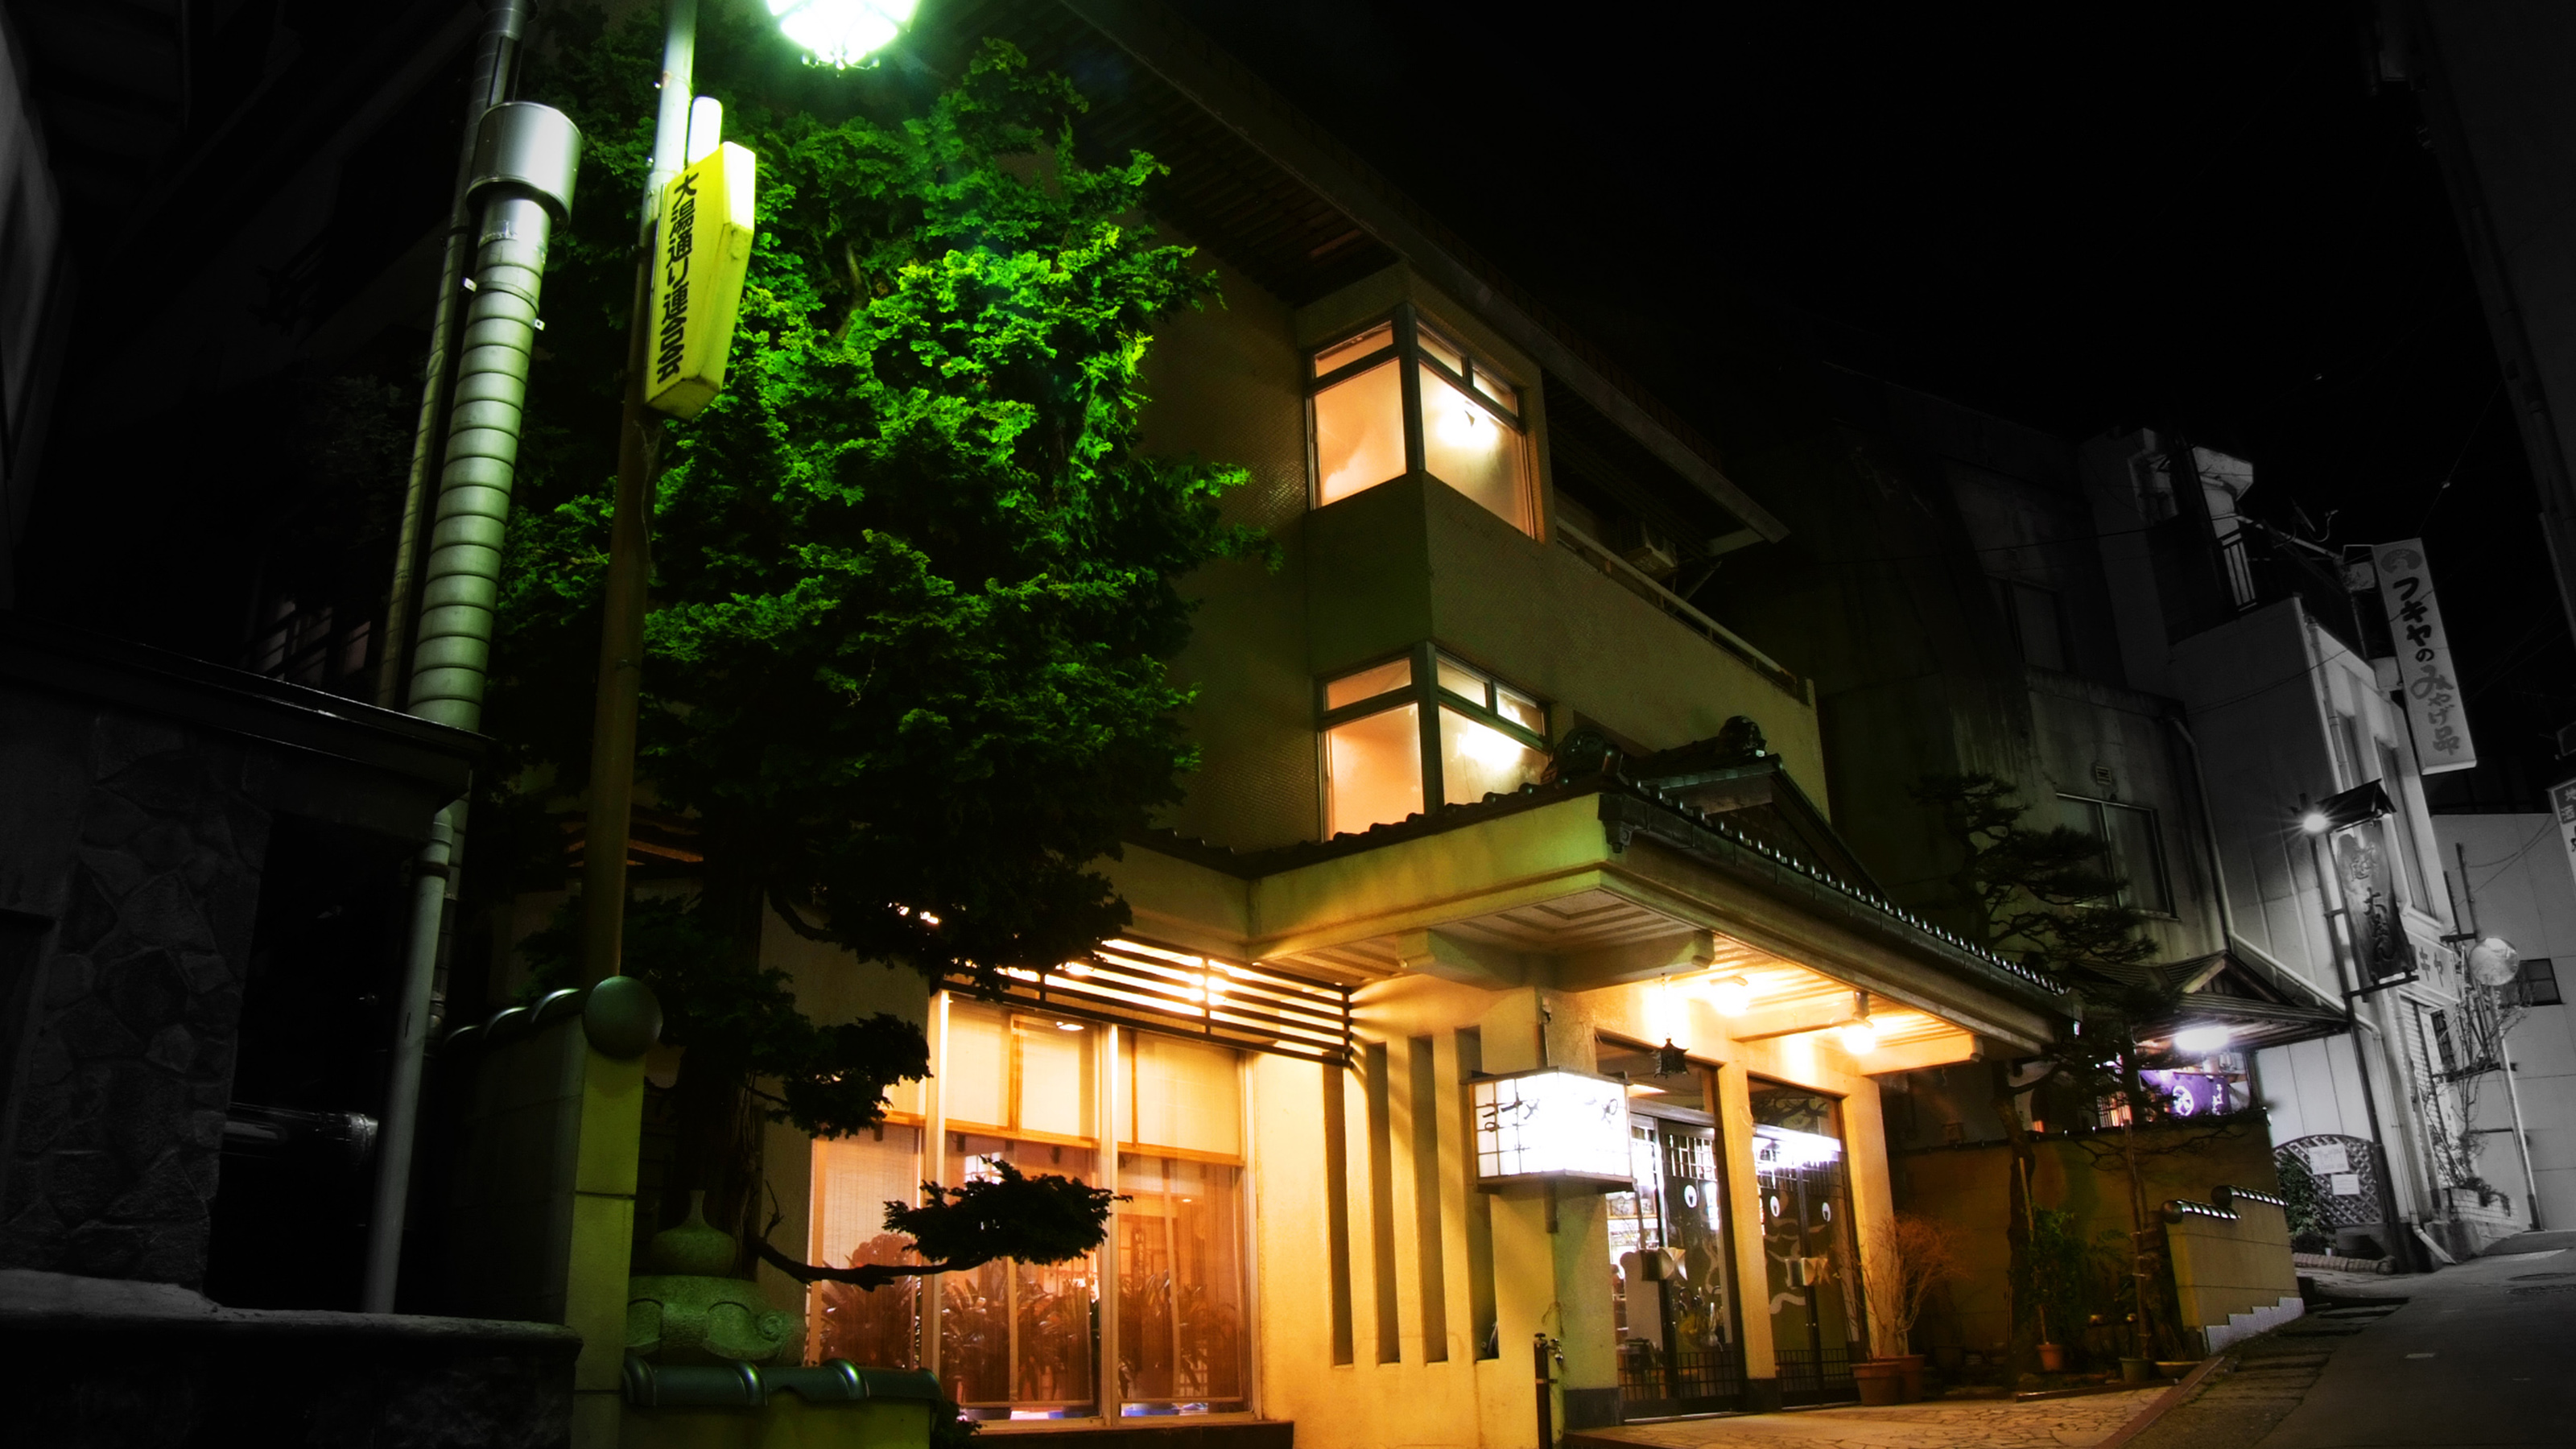 野沢温泉 源泉かけ流しの温泉宿 ますや旅館